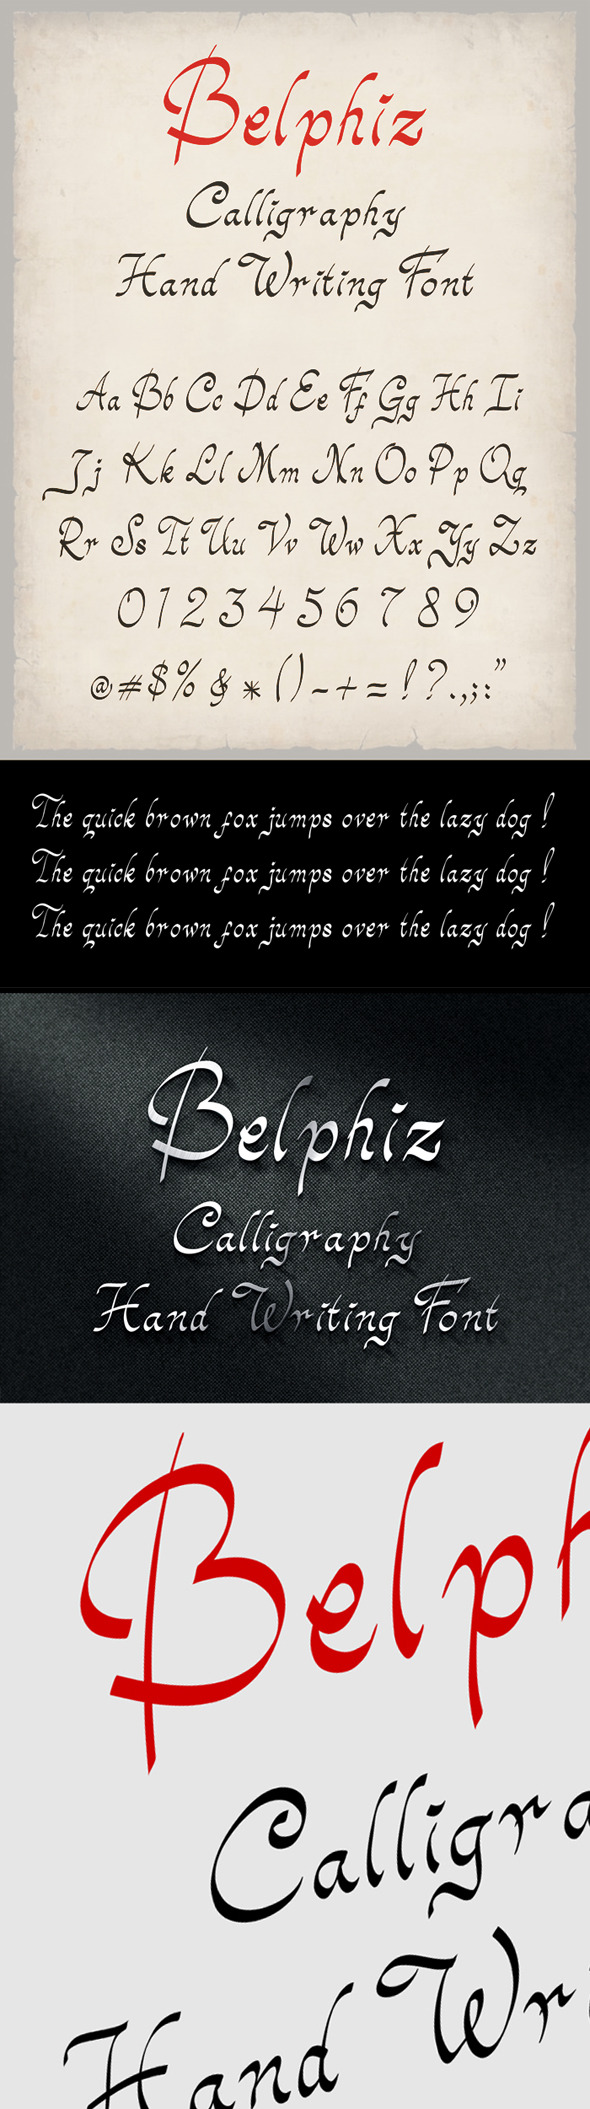 Belphiz Font - Hand-writing Script